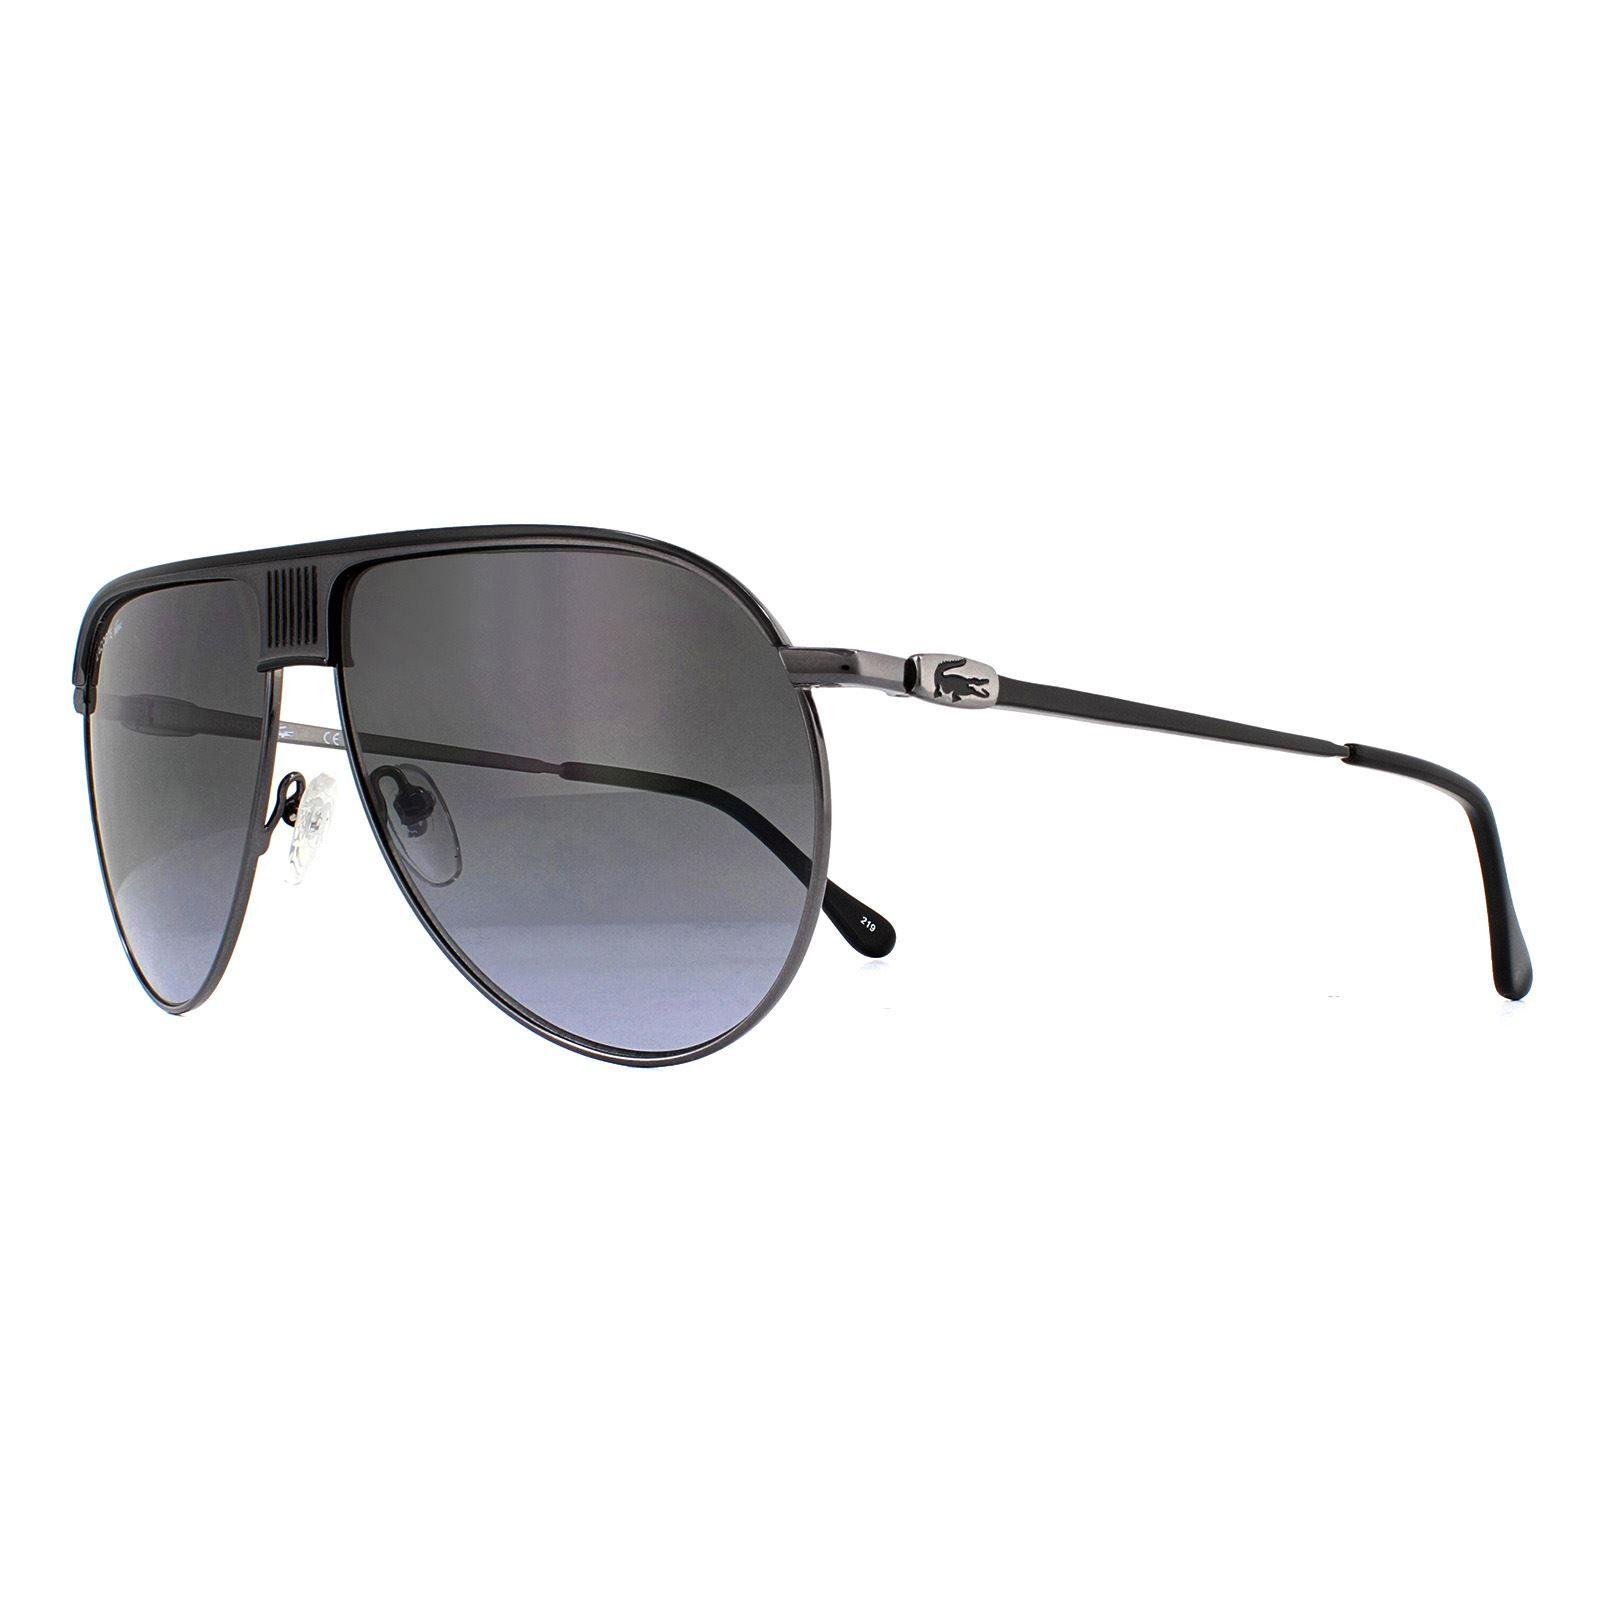 Lacoste Sunglasses L200S 001 Dark Ruthenium Black Grey